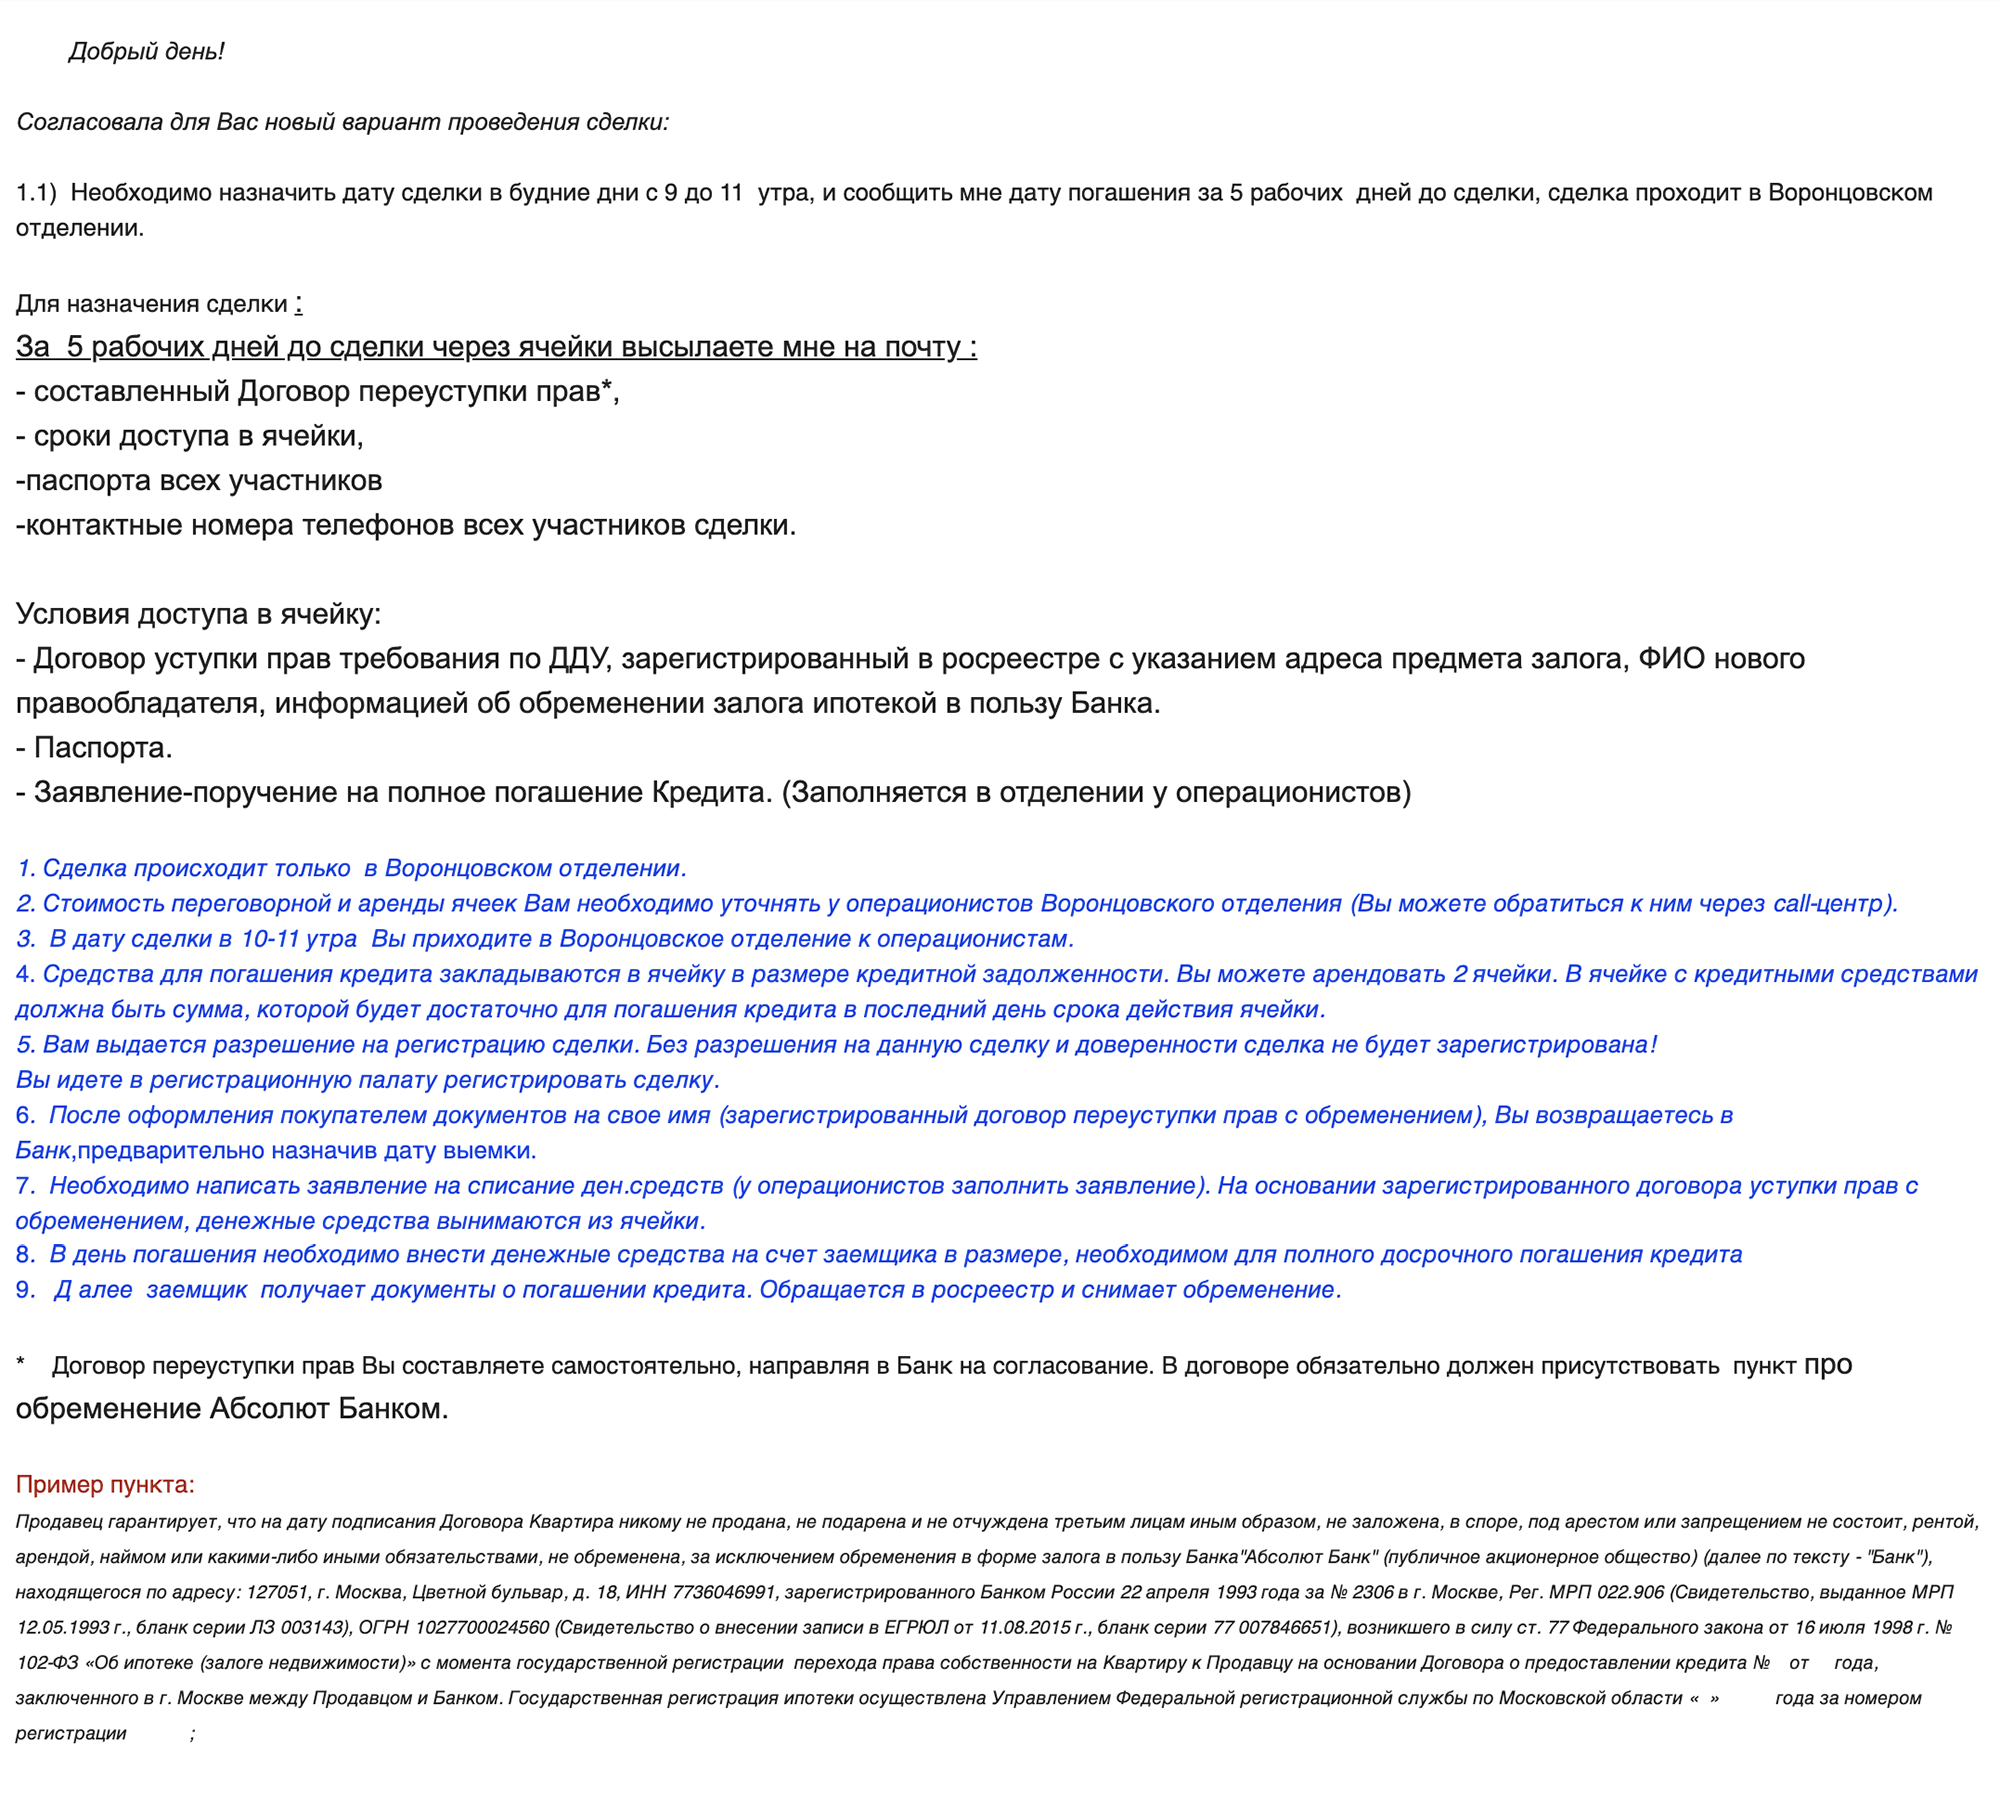 Ответ банка с разрешением продажи из-под залога, который я получила после того, как направила официальное обращение